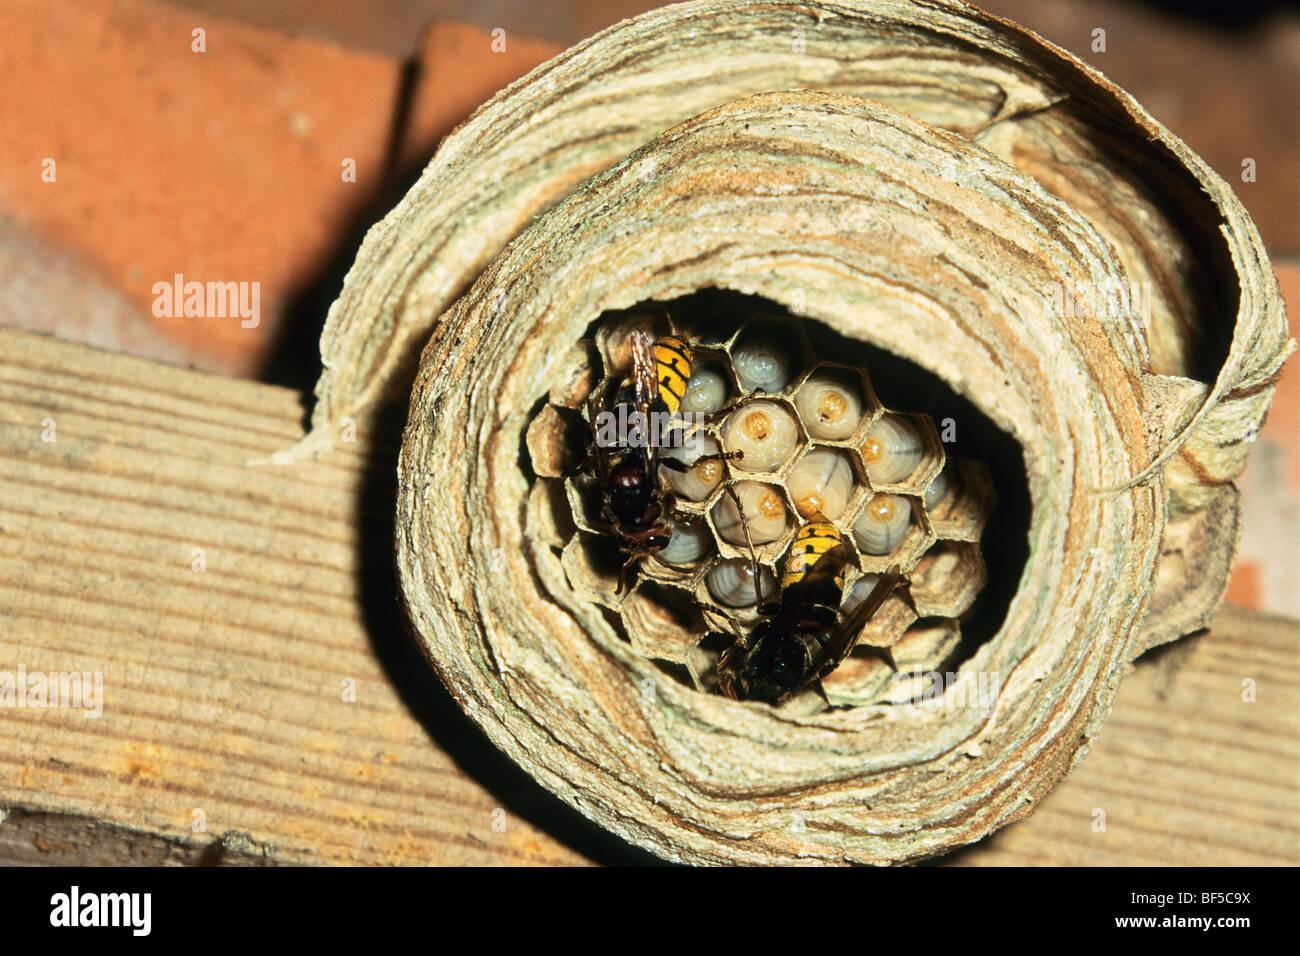 Les frelons (Vespa crabro) au nid avec des larves, l'Allemagne, de l'Europe Photo Stock